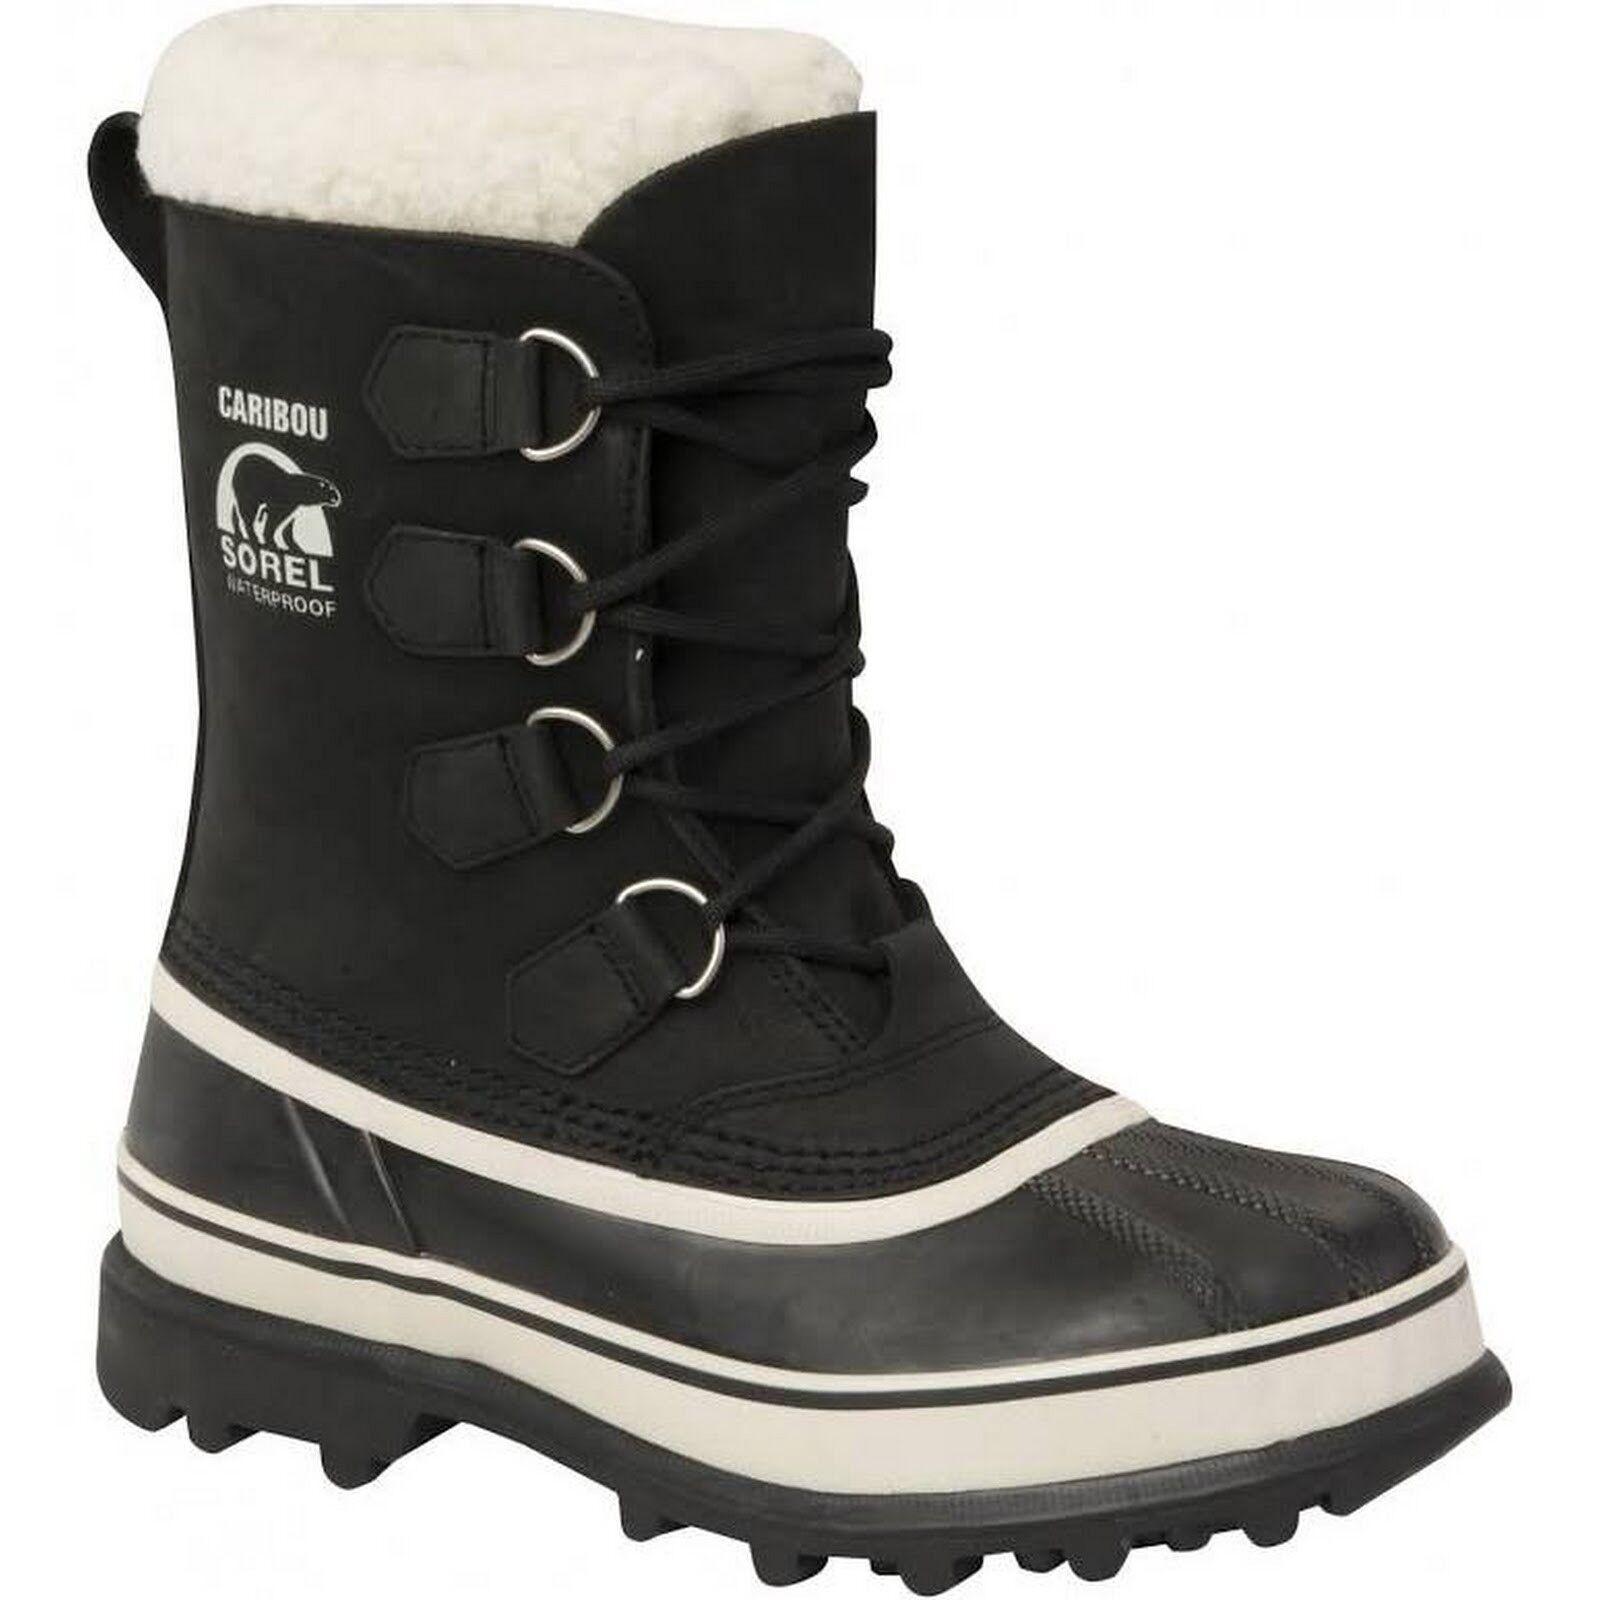 ti aspetto Sorel Caribou nero Winter Winter Winter Snow stivali donna Dimensione 11  moda